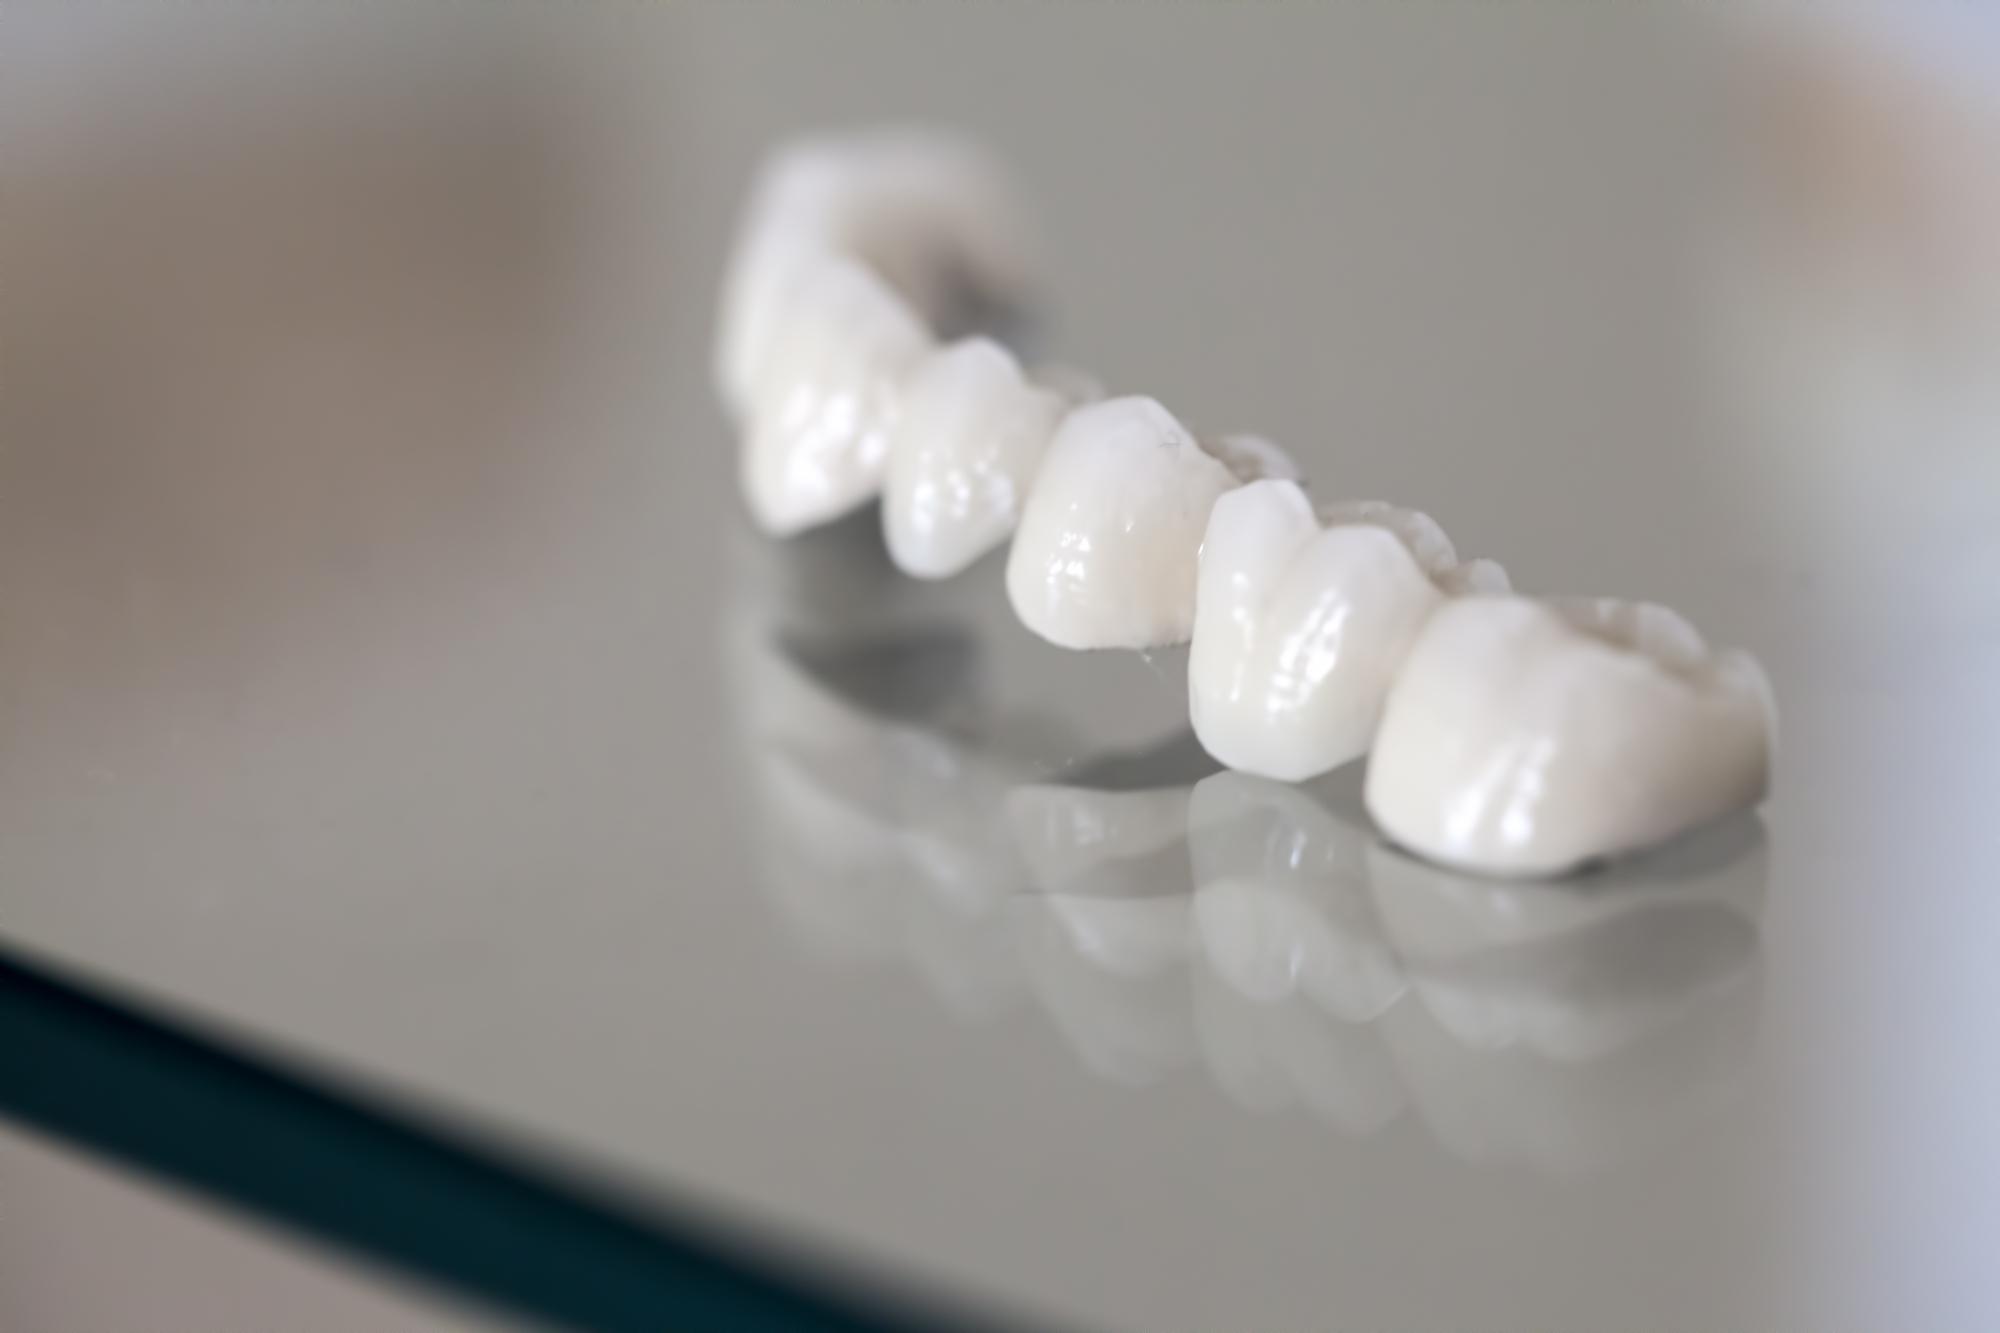 dental bridge on table